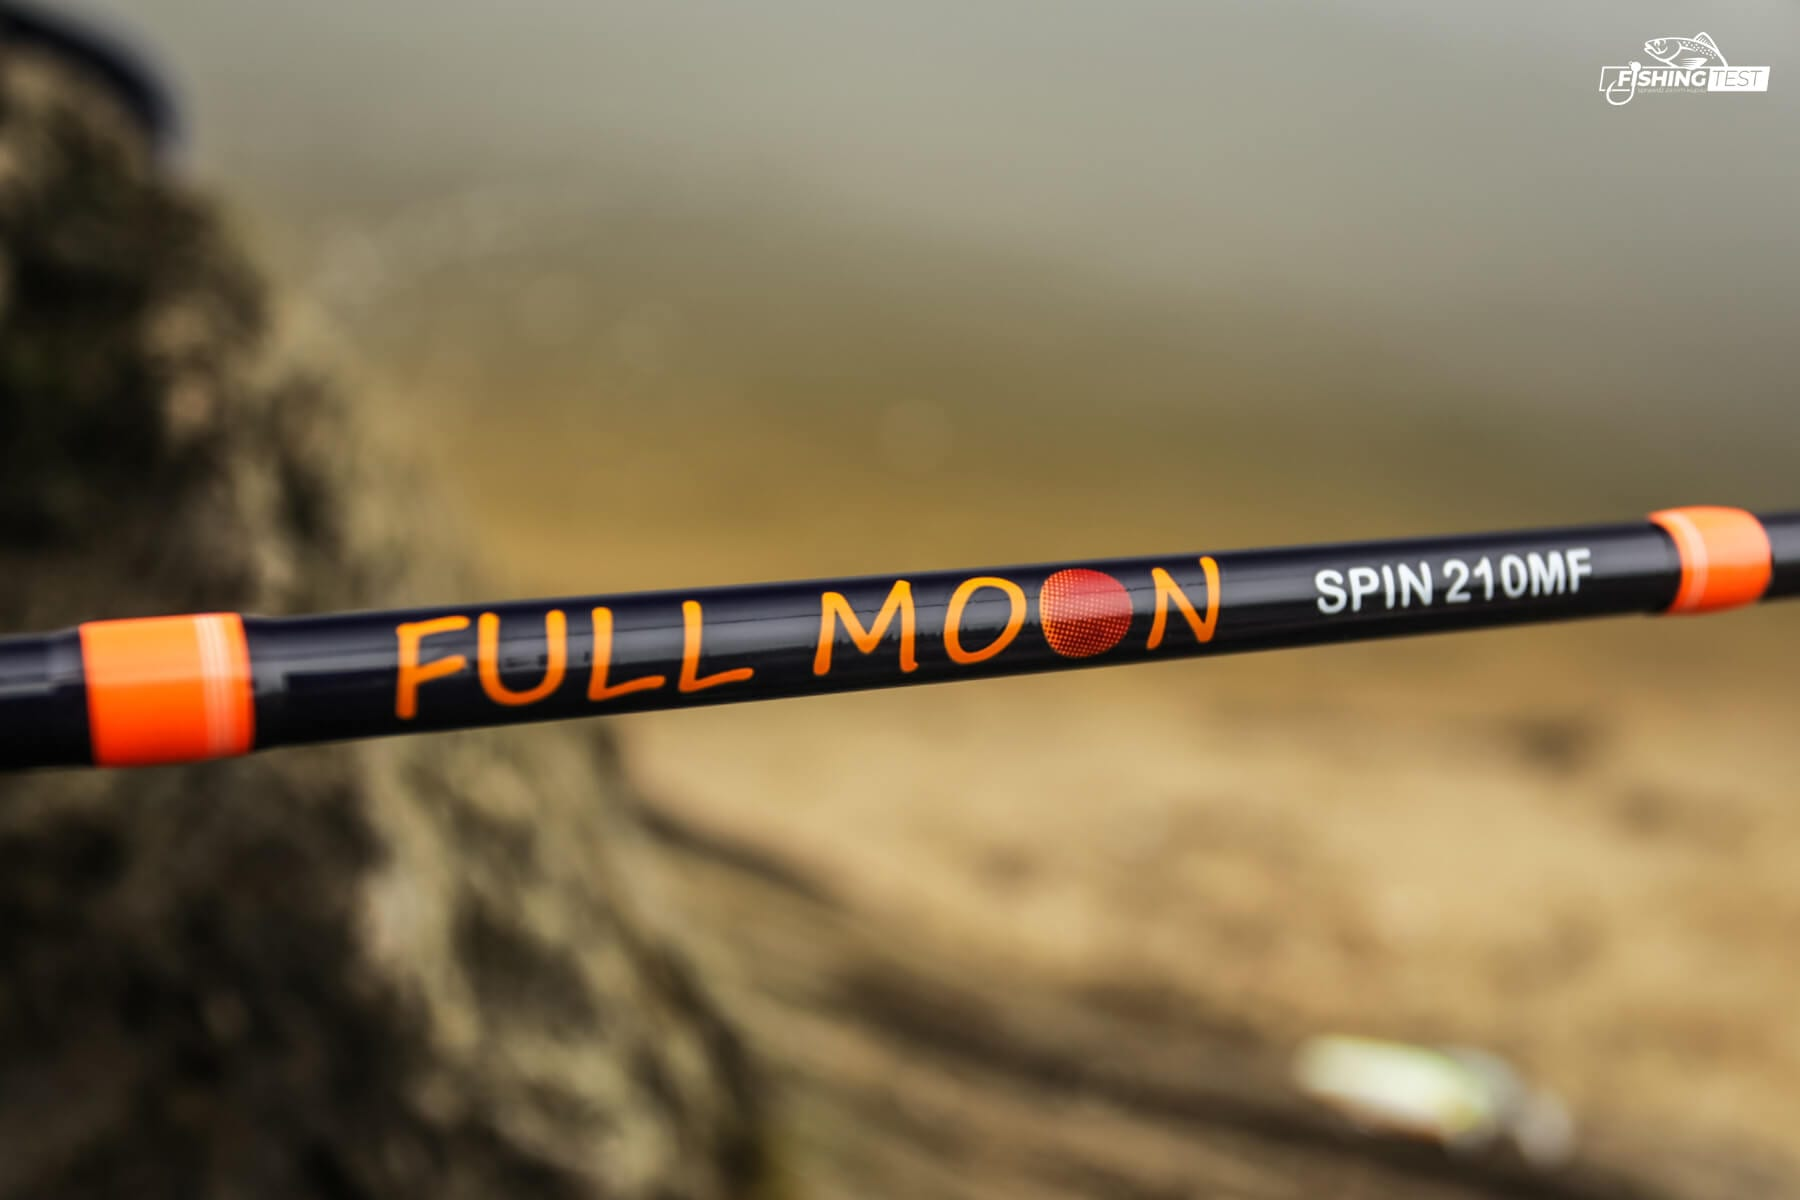 wedka-spinningowa-jmc-full-moon-spin-212-2-14 (9)